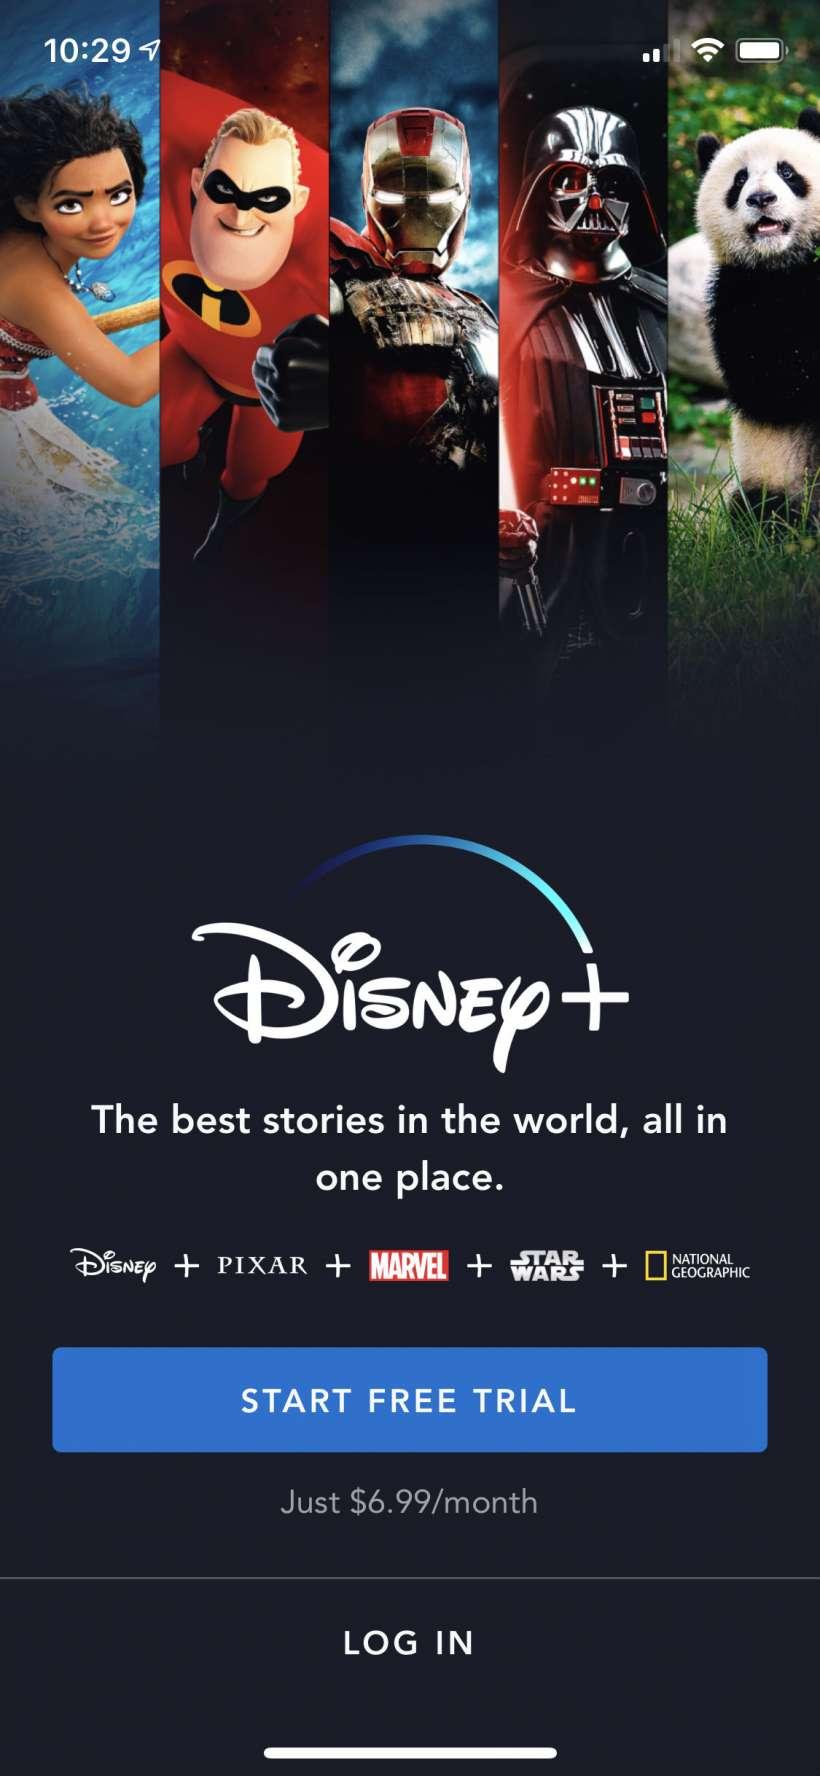 Cómo iniciar el periodo de prueba gratuita de una semana de Disney + iPhone y iPad.